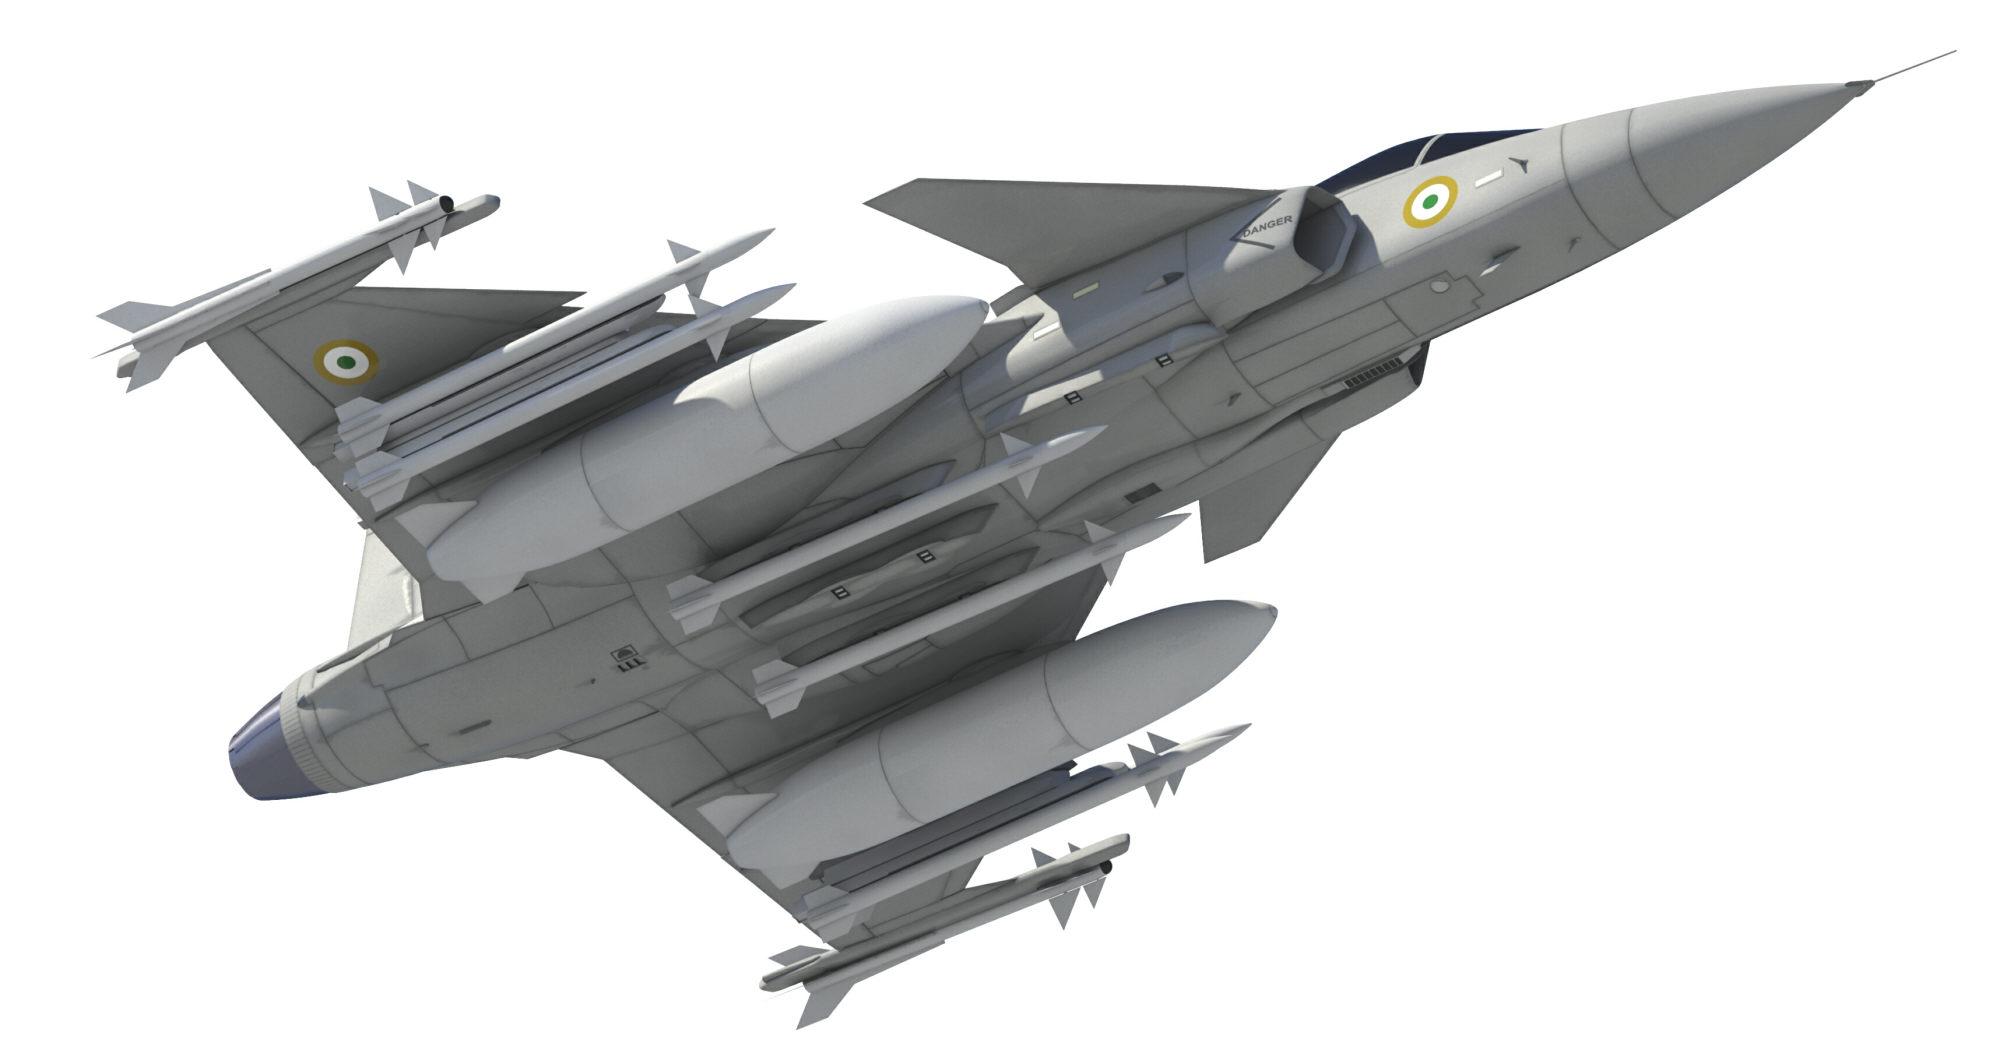 https://i2.wp.com/www.aereo.jor.br/wp-content/uploads/2010/07/Gripen-NG-3.jpg